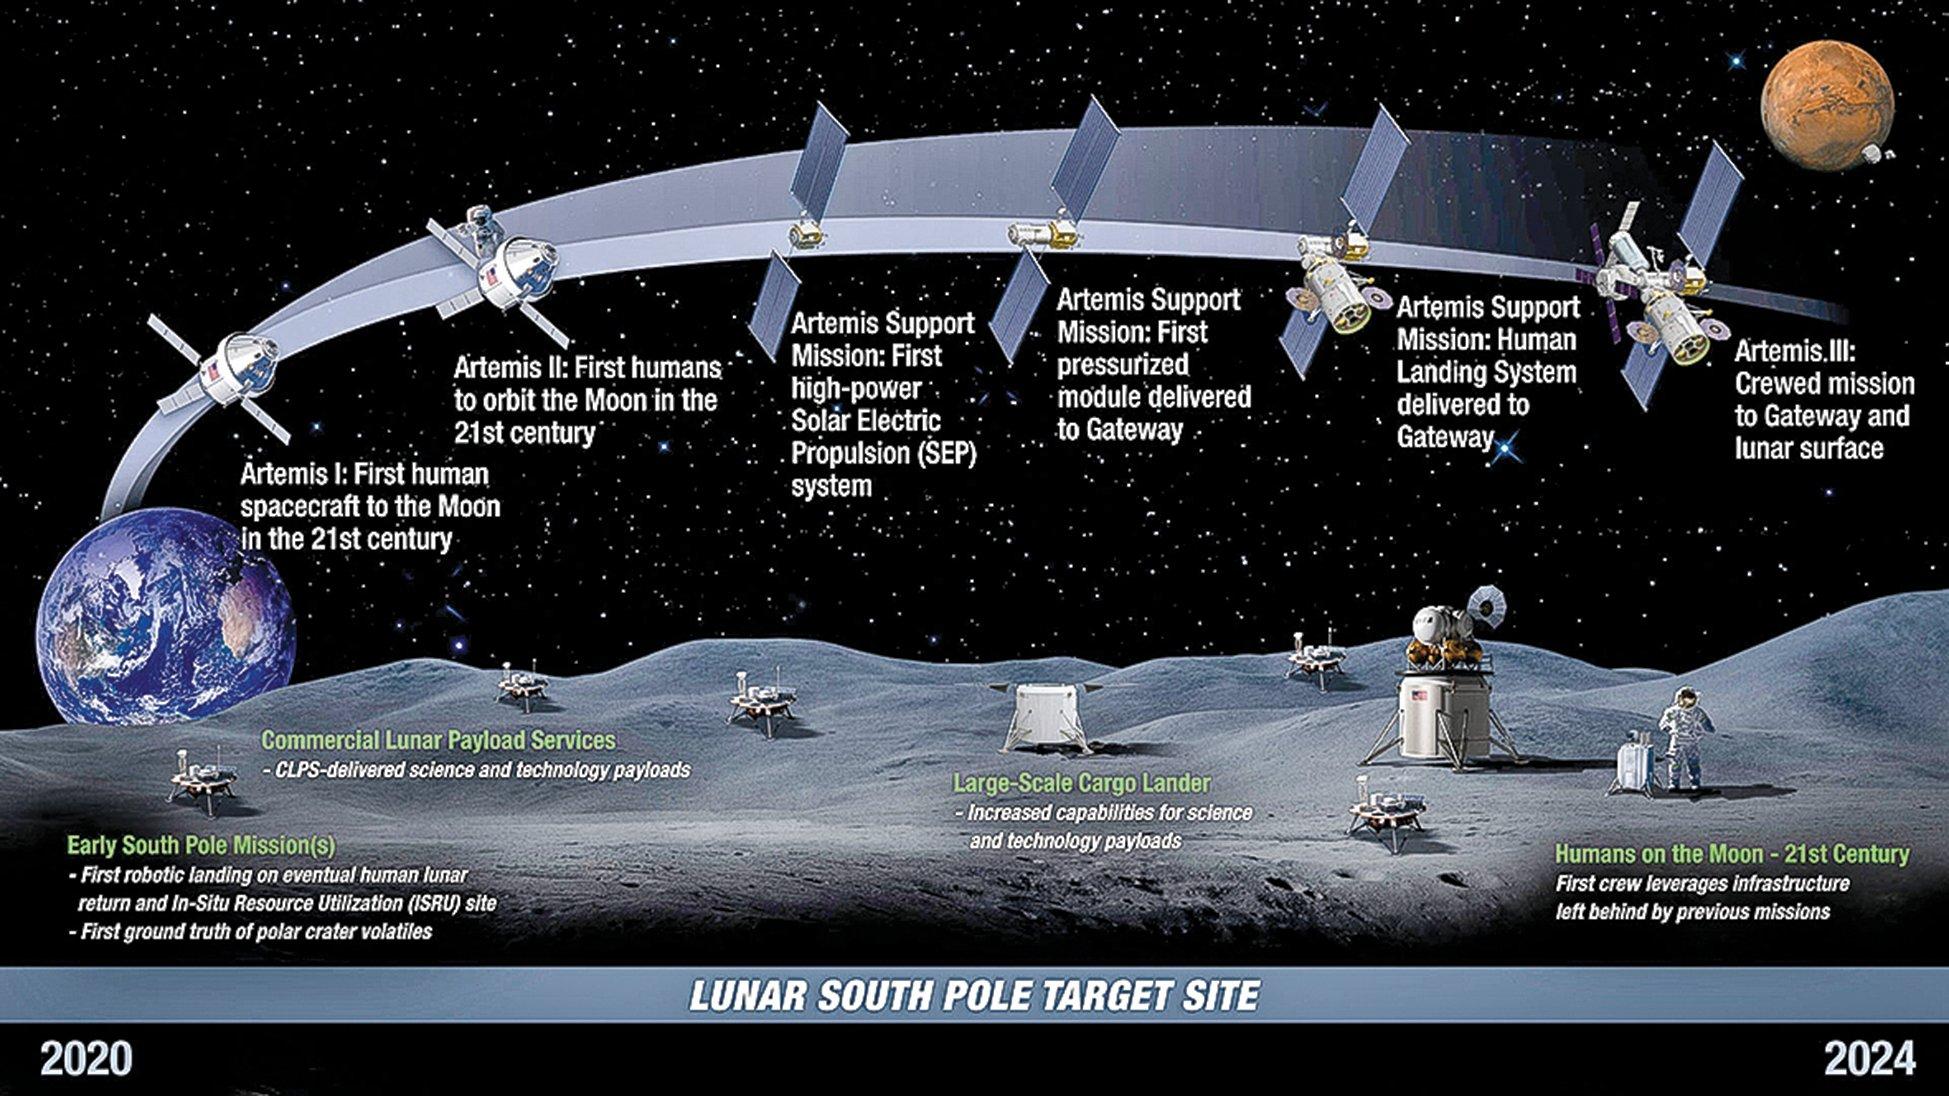 美國國家航空航天局NASA阿提米絲登月計劃的時間規劃圖。(NASA)